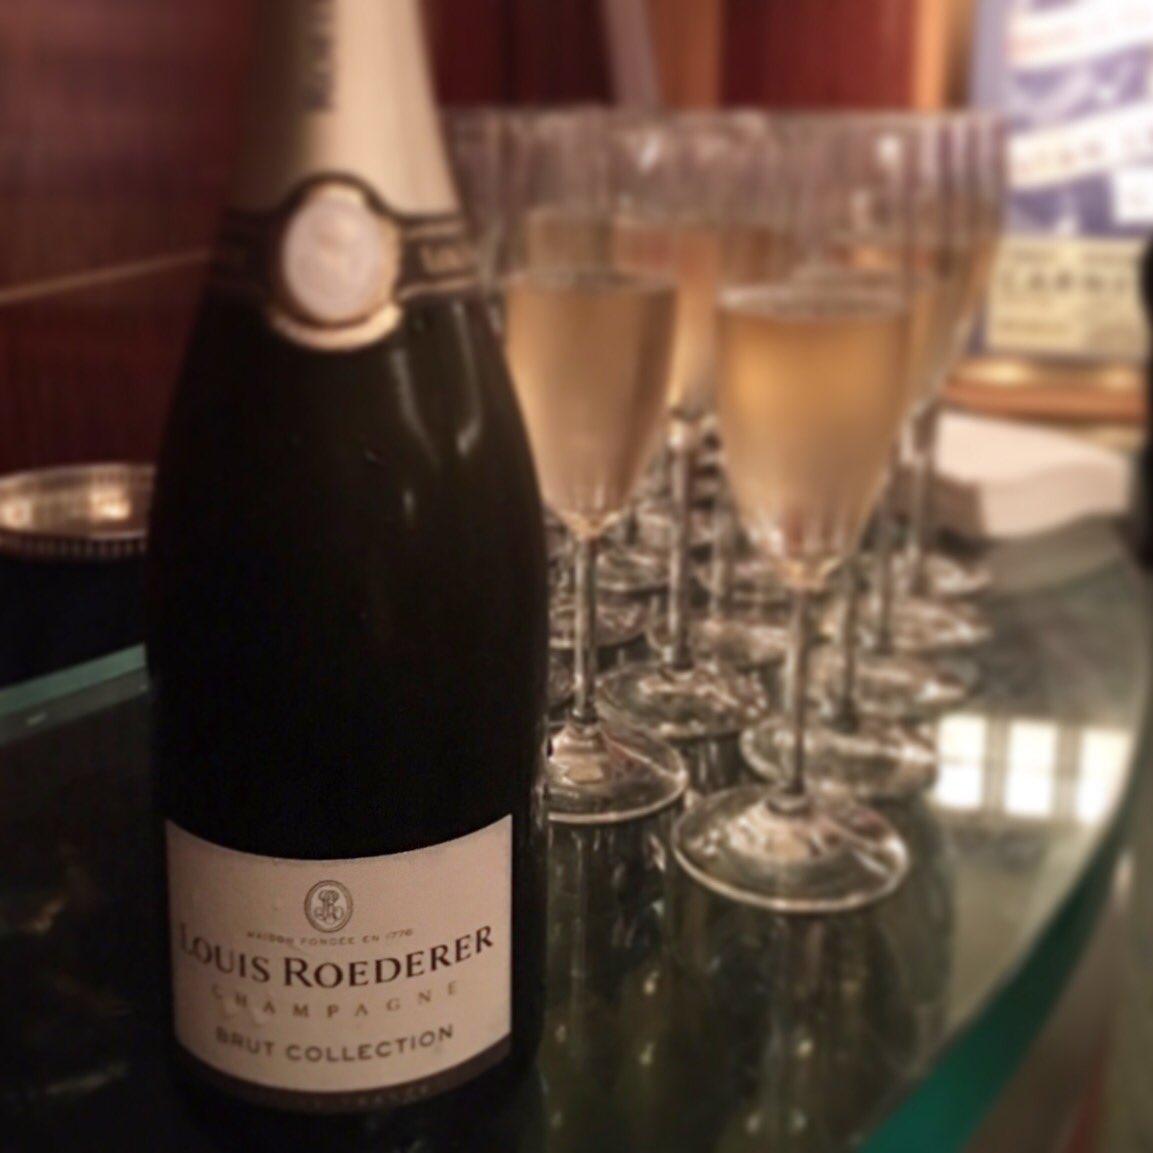 #louisroederer sera l&#39;un des #champagnes partenaires de la @nuitchampagne à #LosAngeles le 22 fev. #madeinFrance usa<br>http://pic.twitter.com/PvItaHWRyT